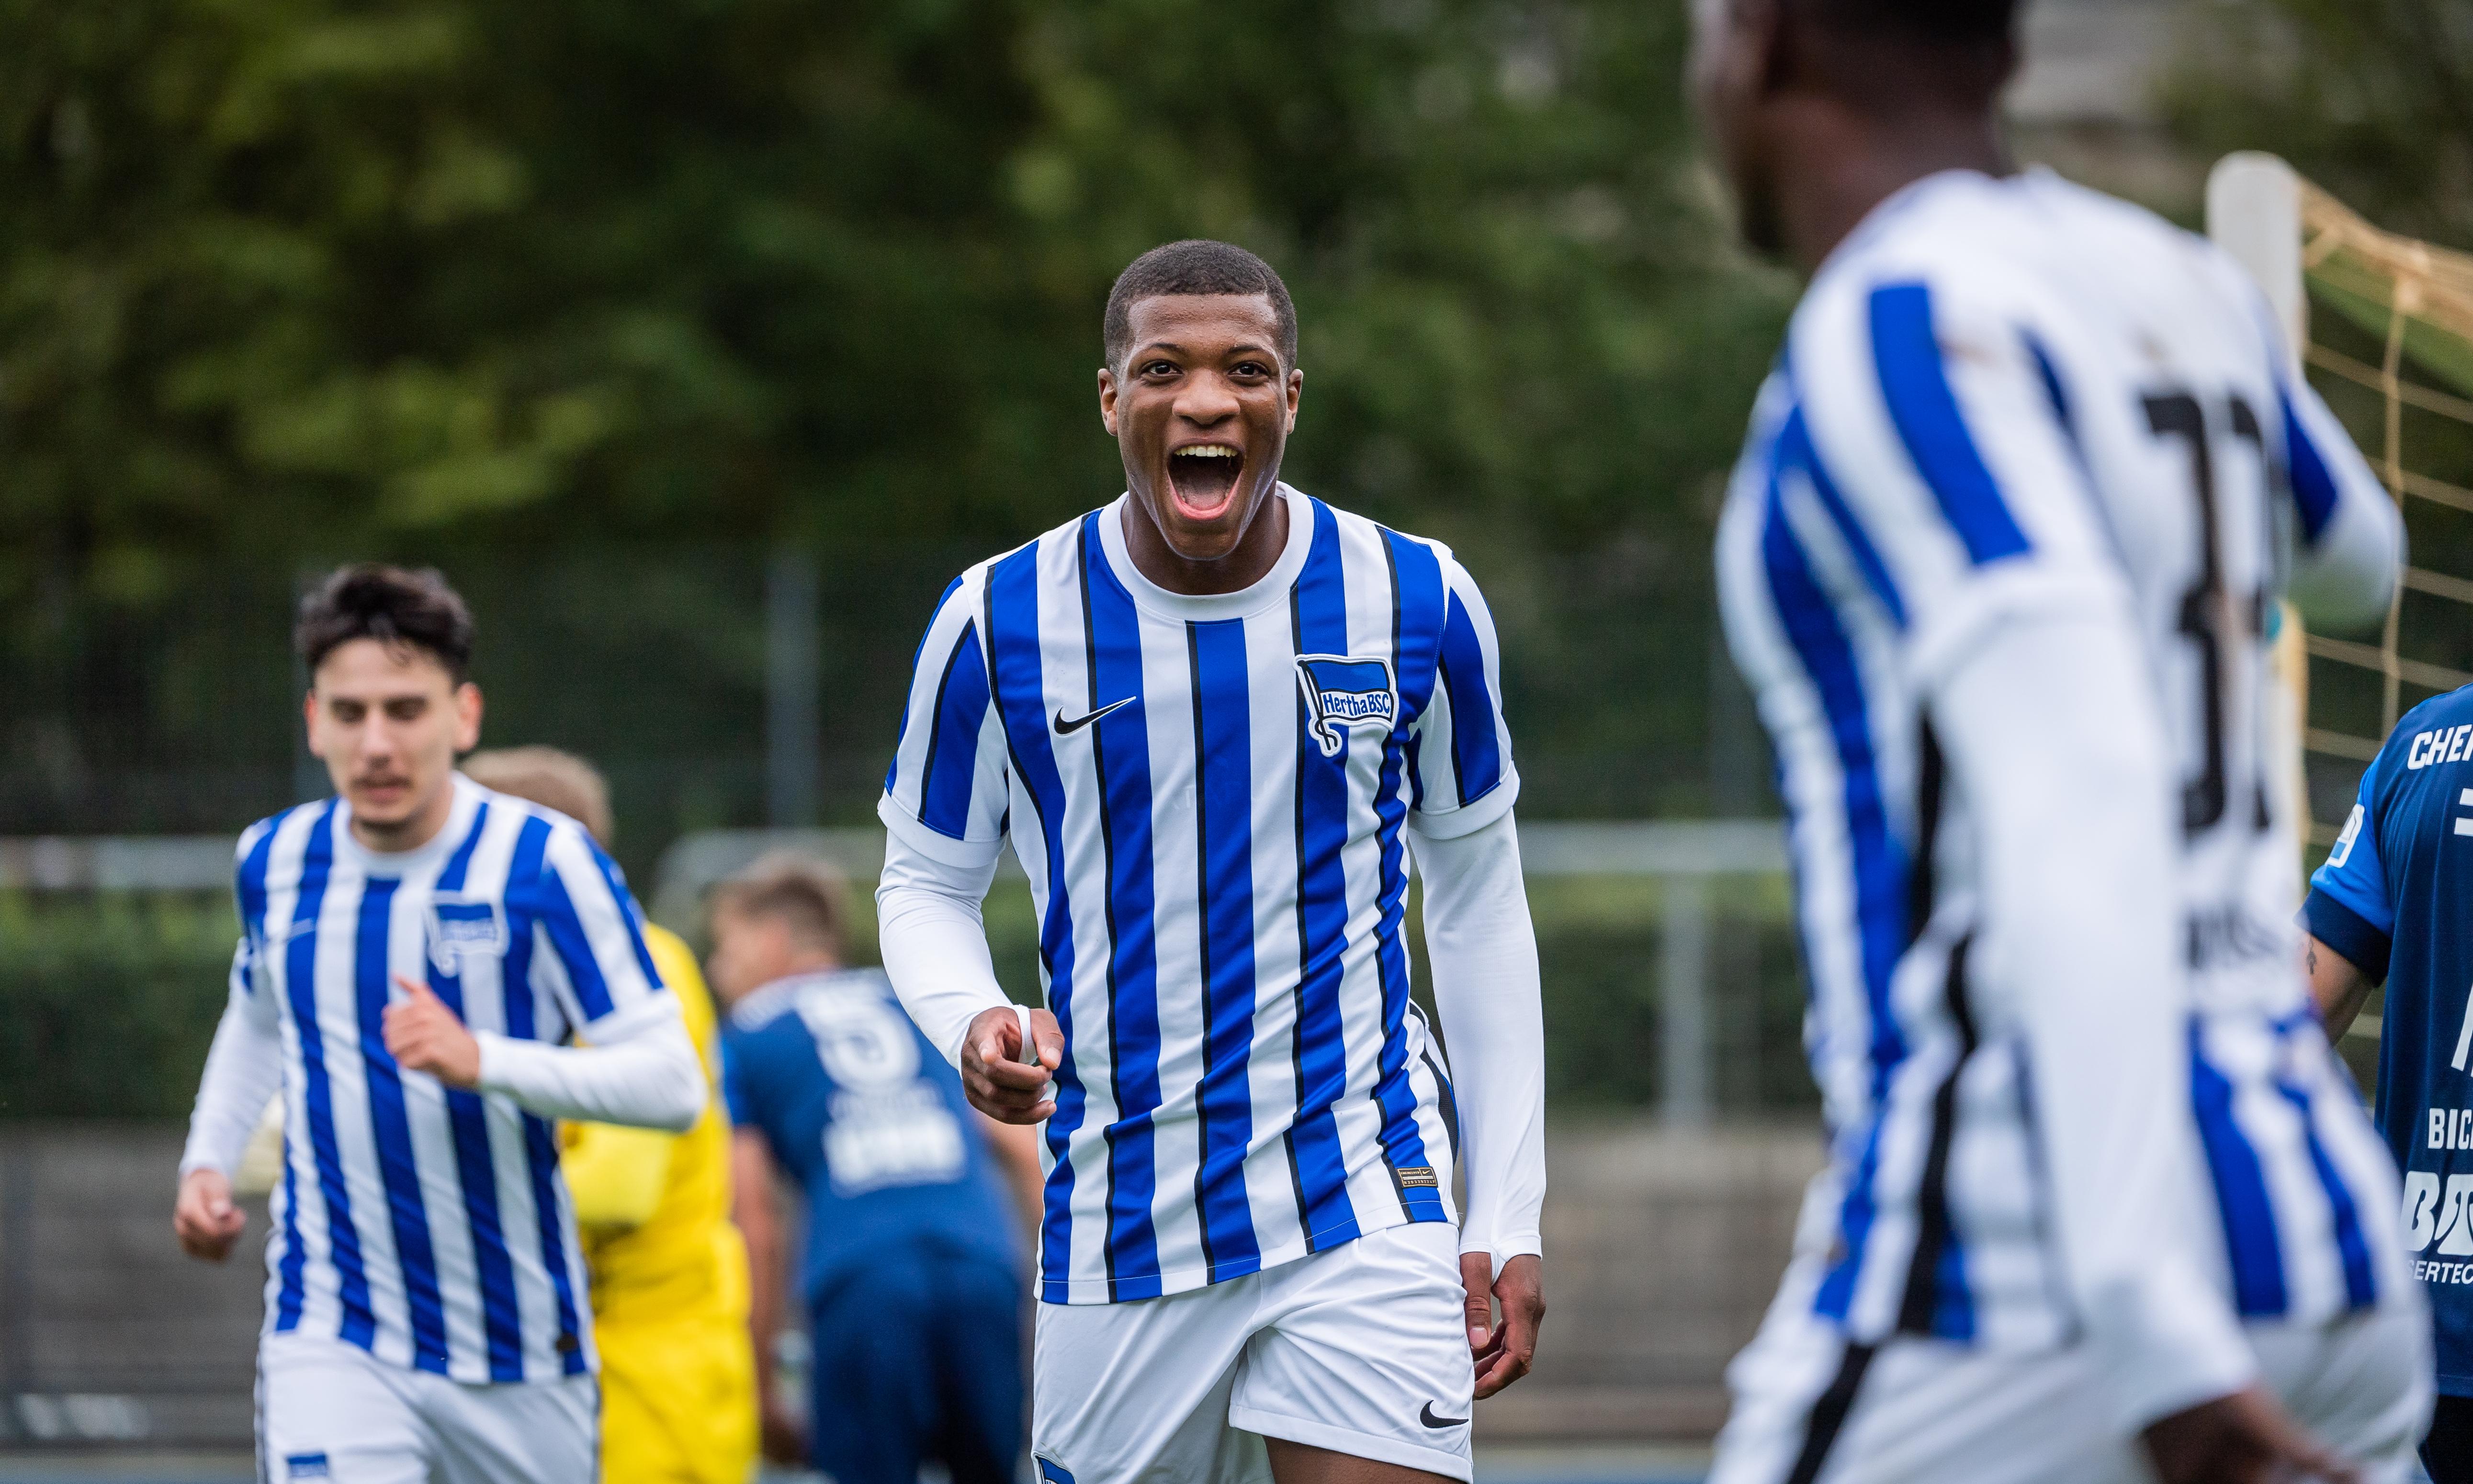 El canterano del Hertha Jessic Ngankam celebrando un gol.